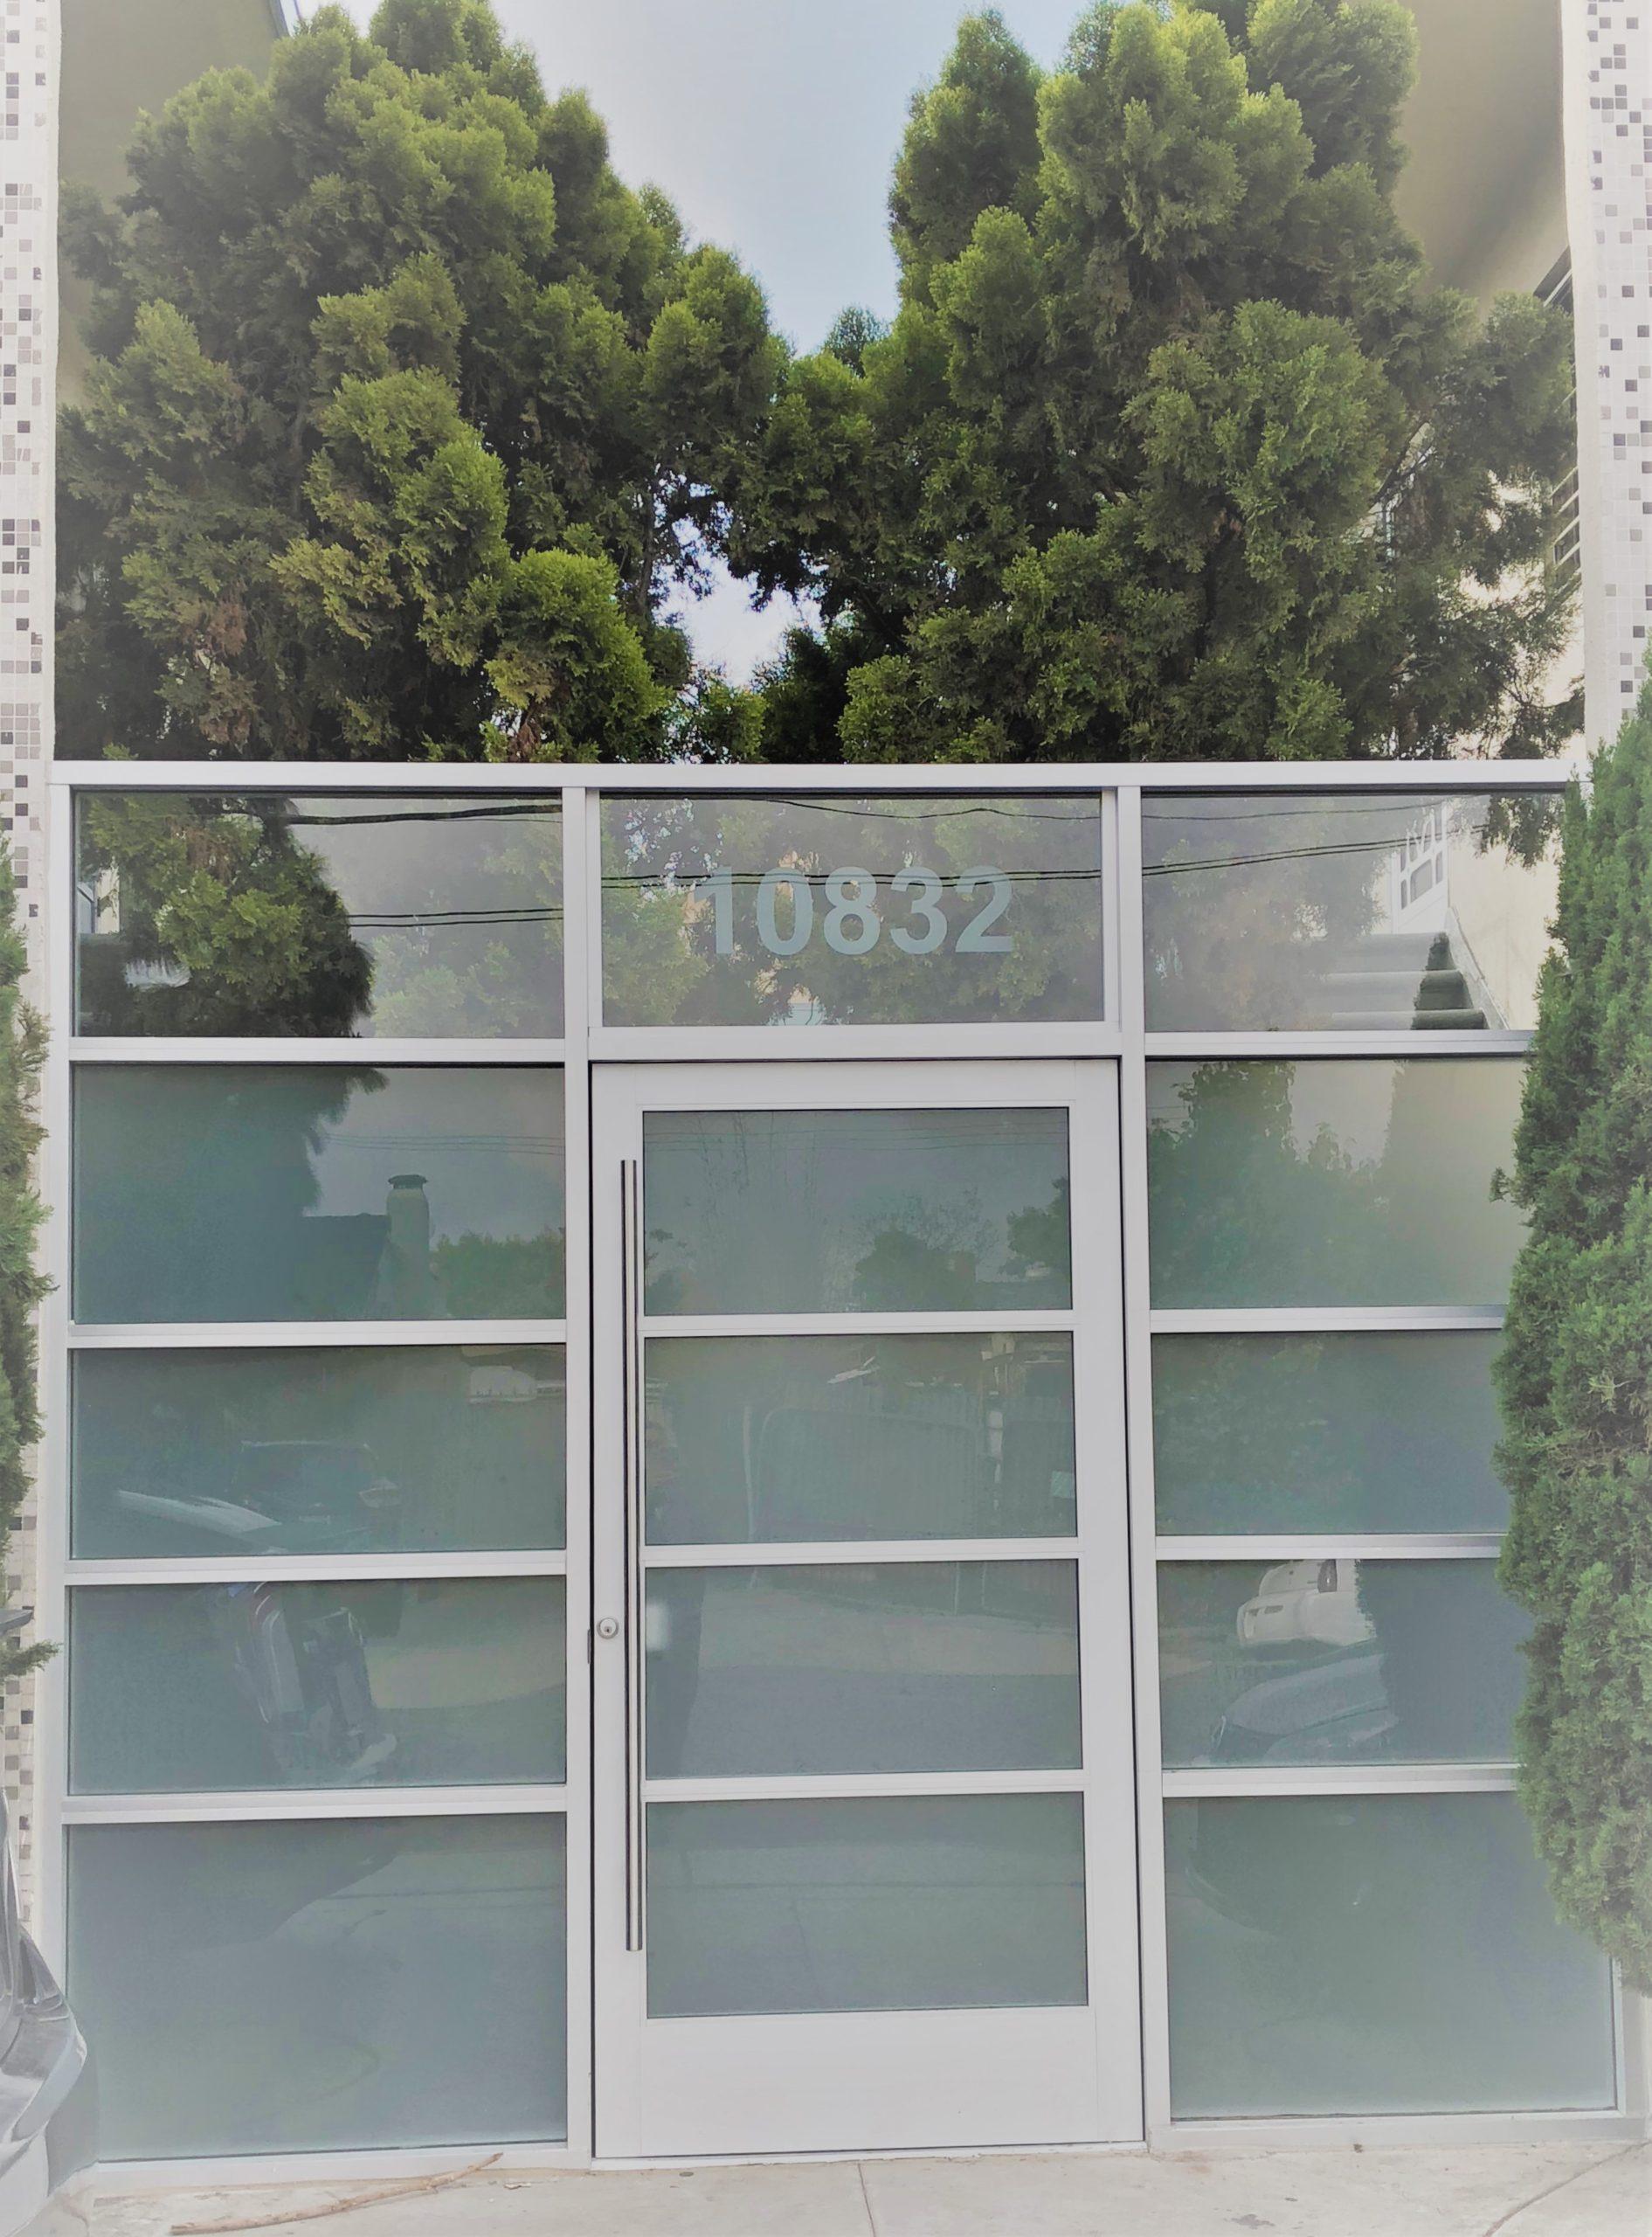 10832 Charnock Road, Los Angeles, CA 90034 (West LA)